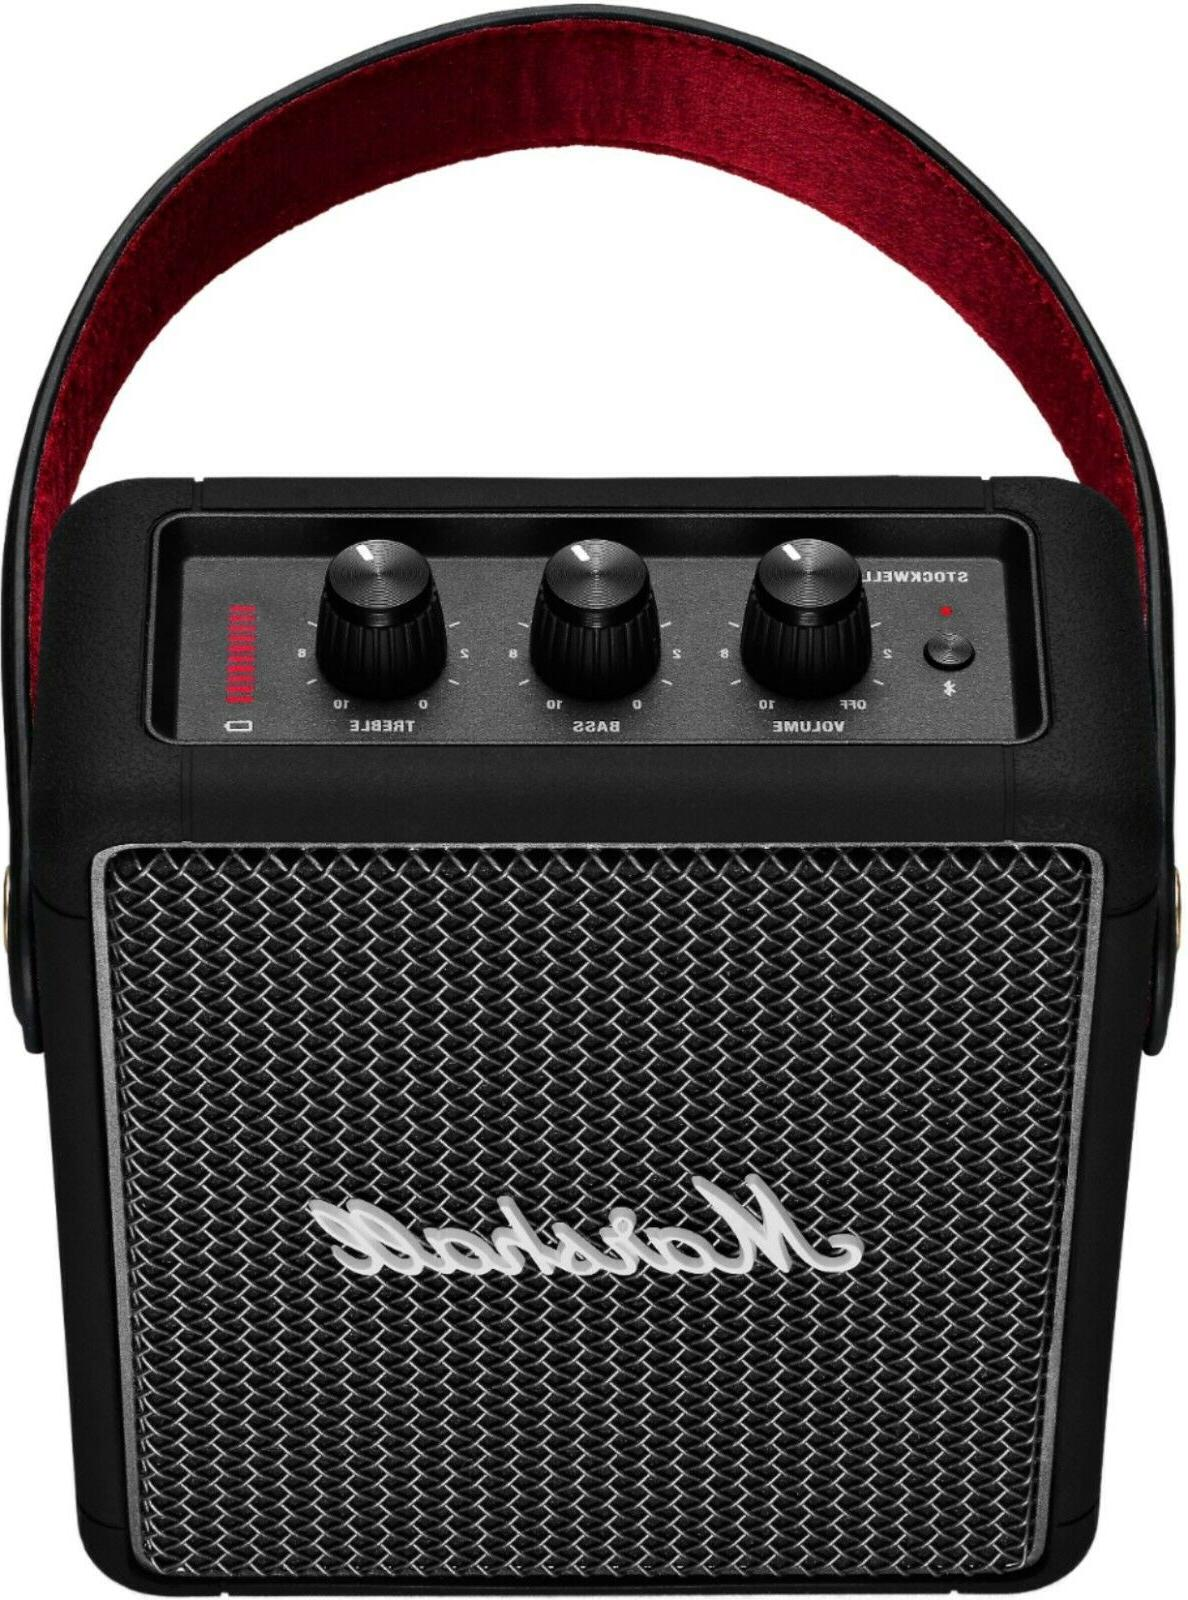 Brand New II Wireless Speaker -